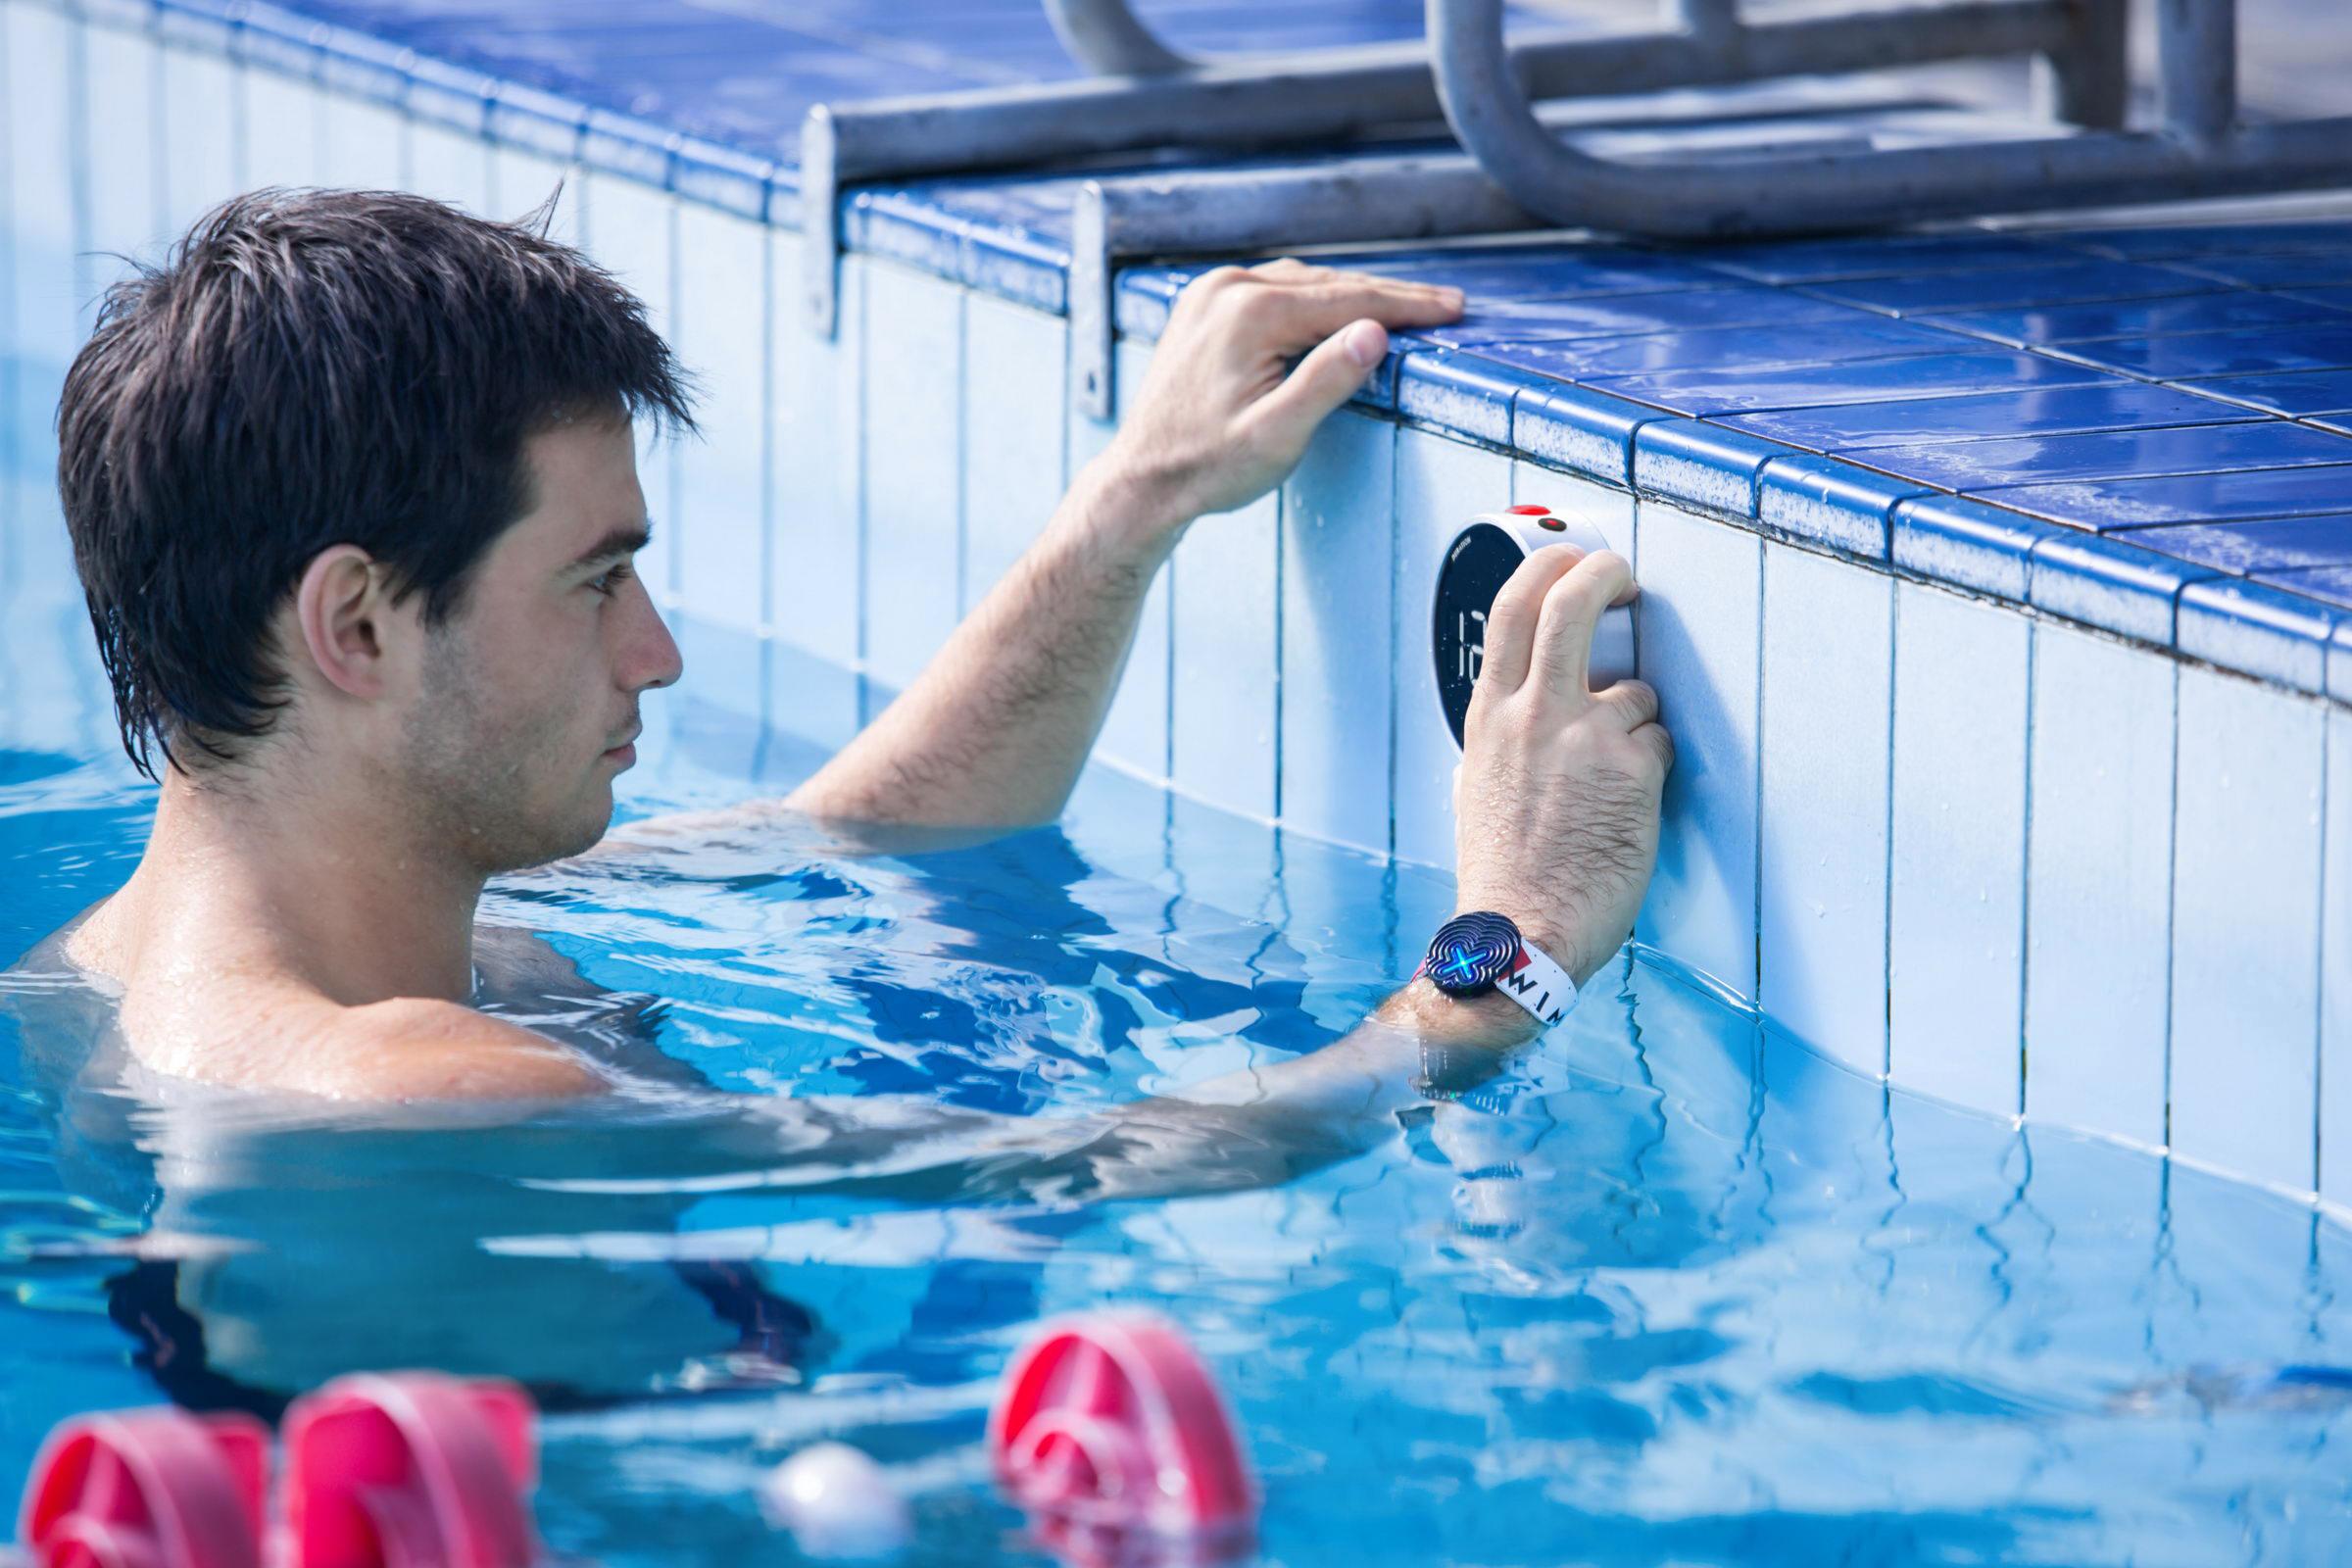 Украинцы создали смарт-браслет Swimmerix для умного плавания и тренировок